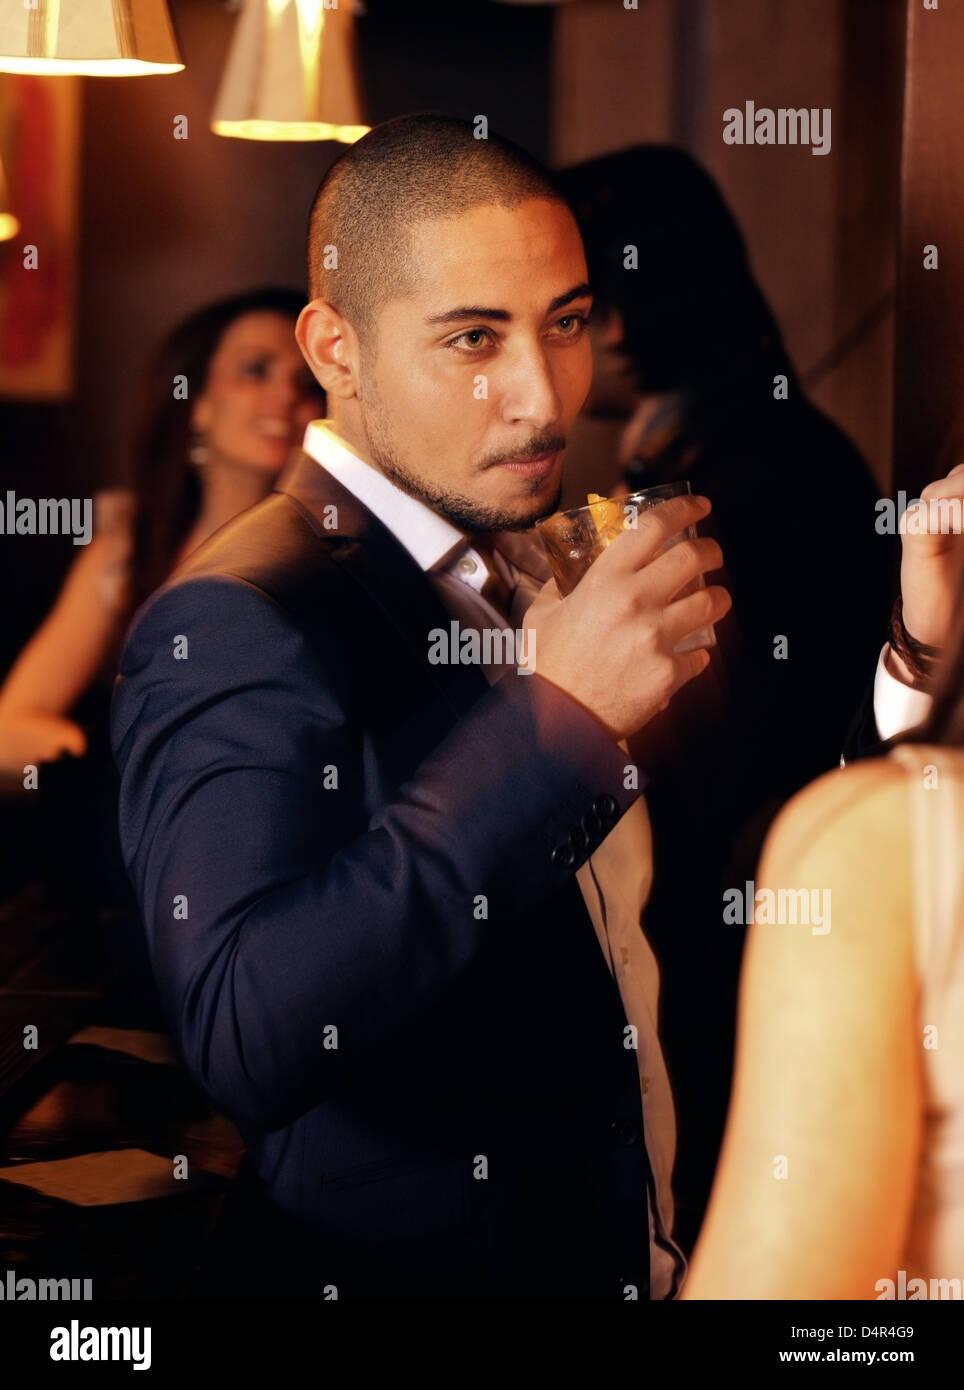 Ritratto di un ragazzo a un partito tenendo un bicchiere di Whiskey Immagini Stock